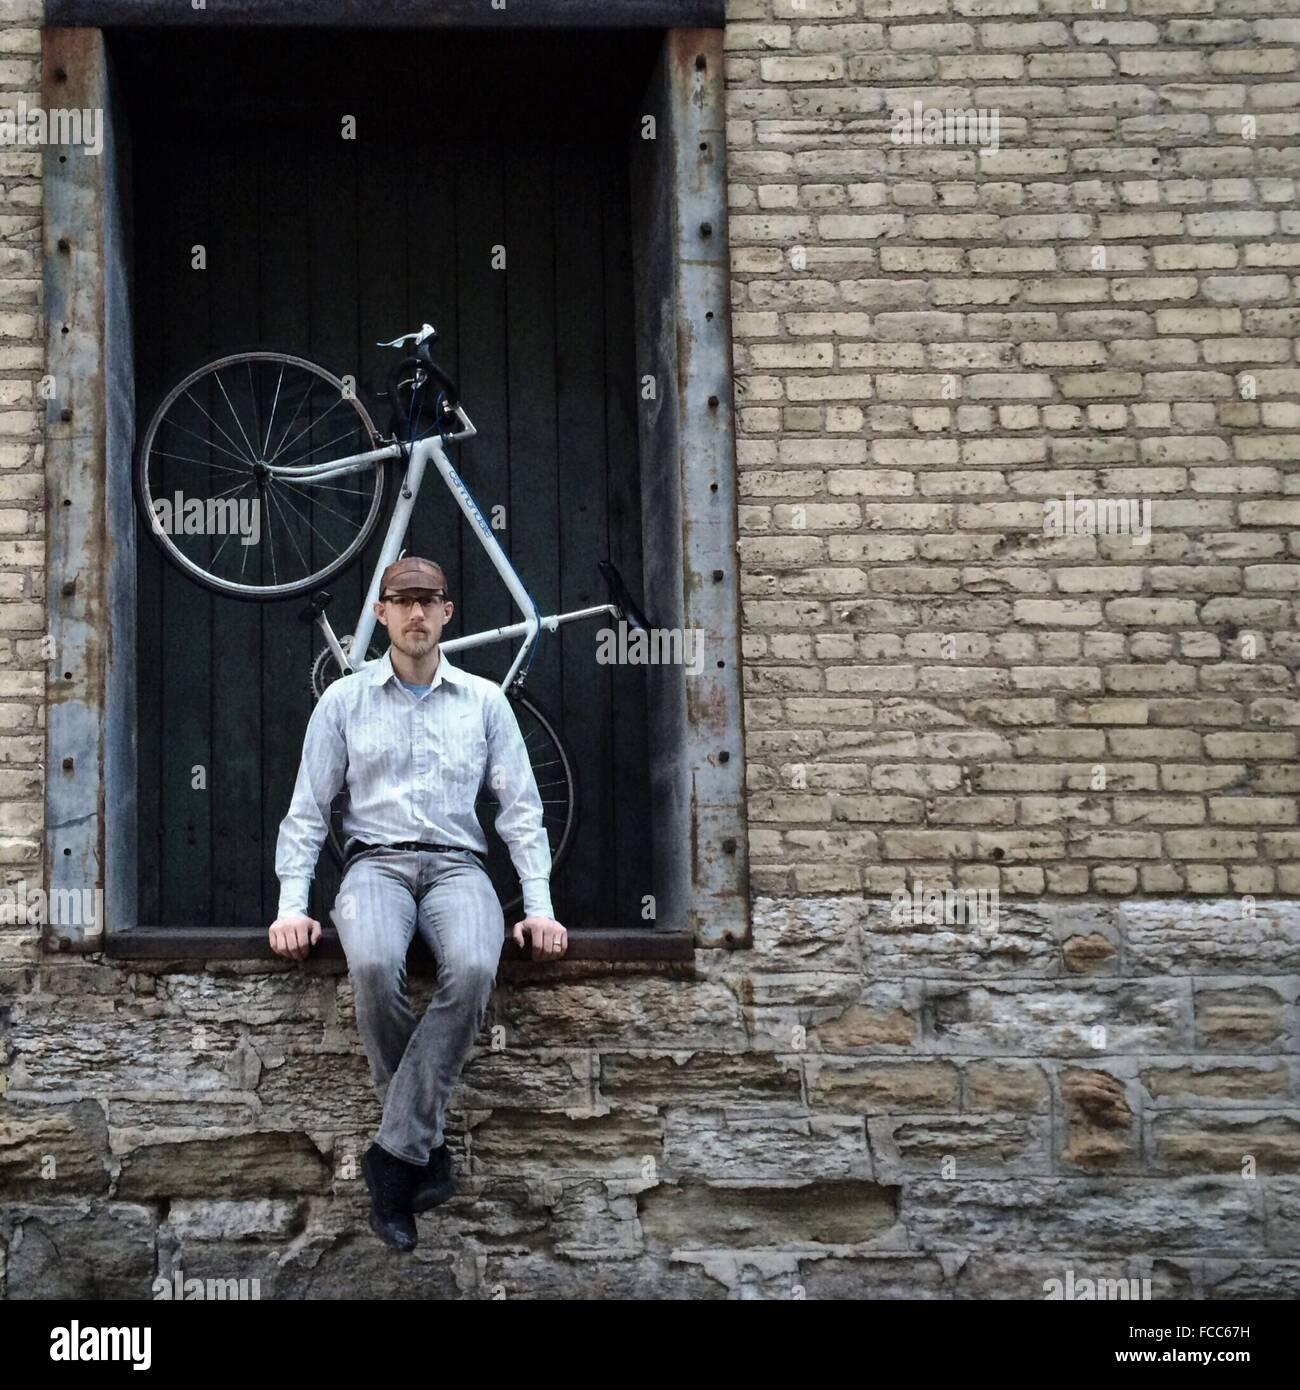 Porträt eines jungen Mannes, der am Eingang sitzt Stockbild